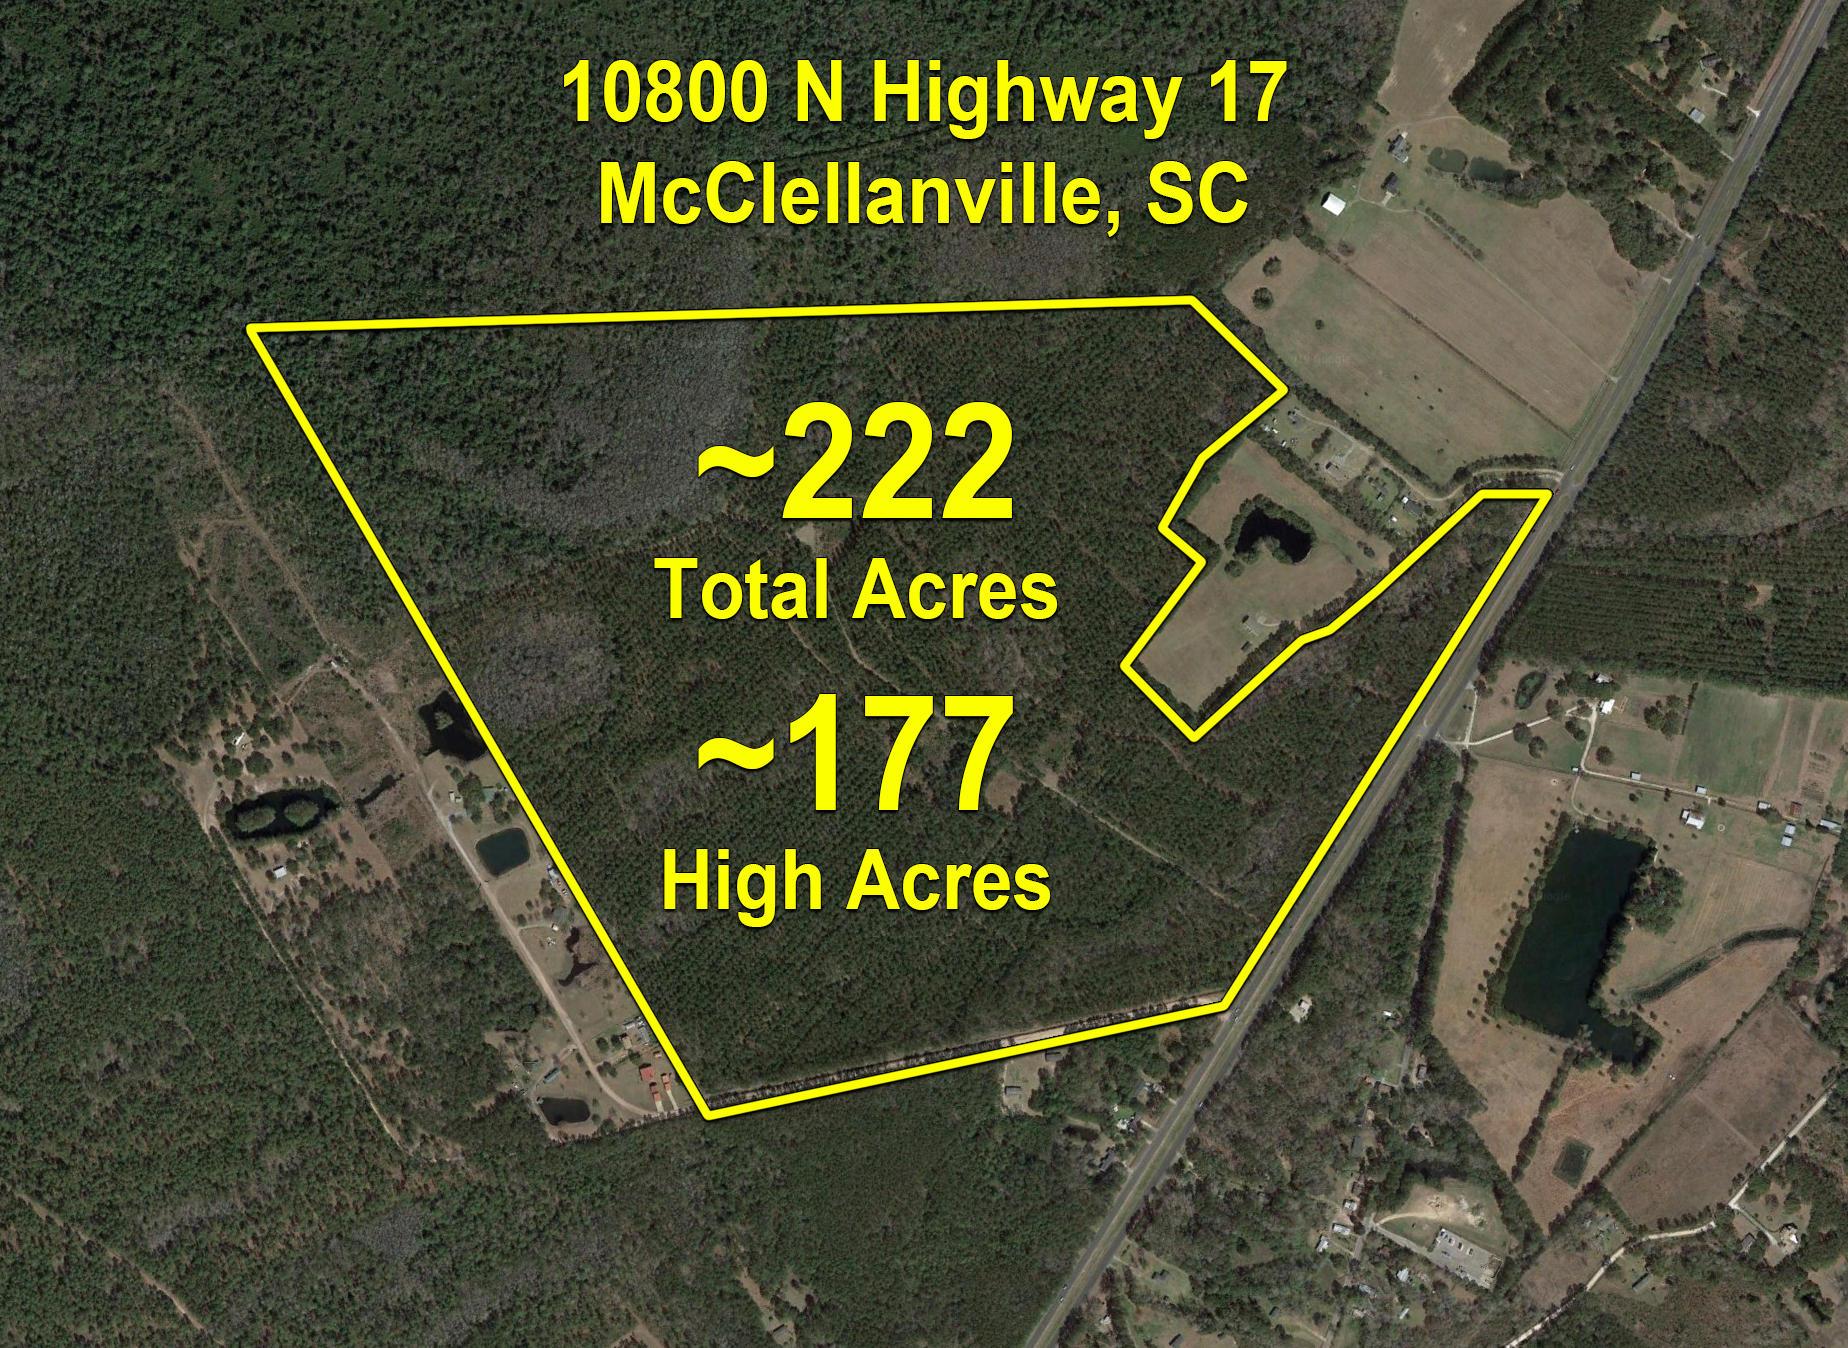 10800 N Highway 17 Mcclellanville, SC 29458